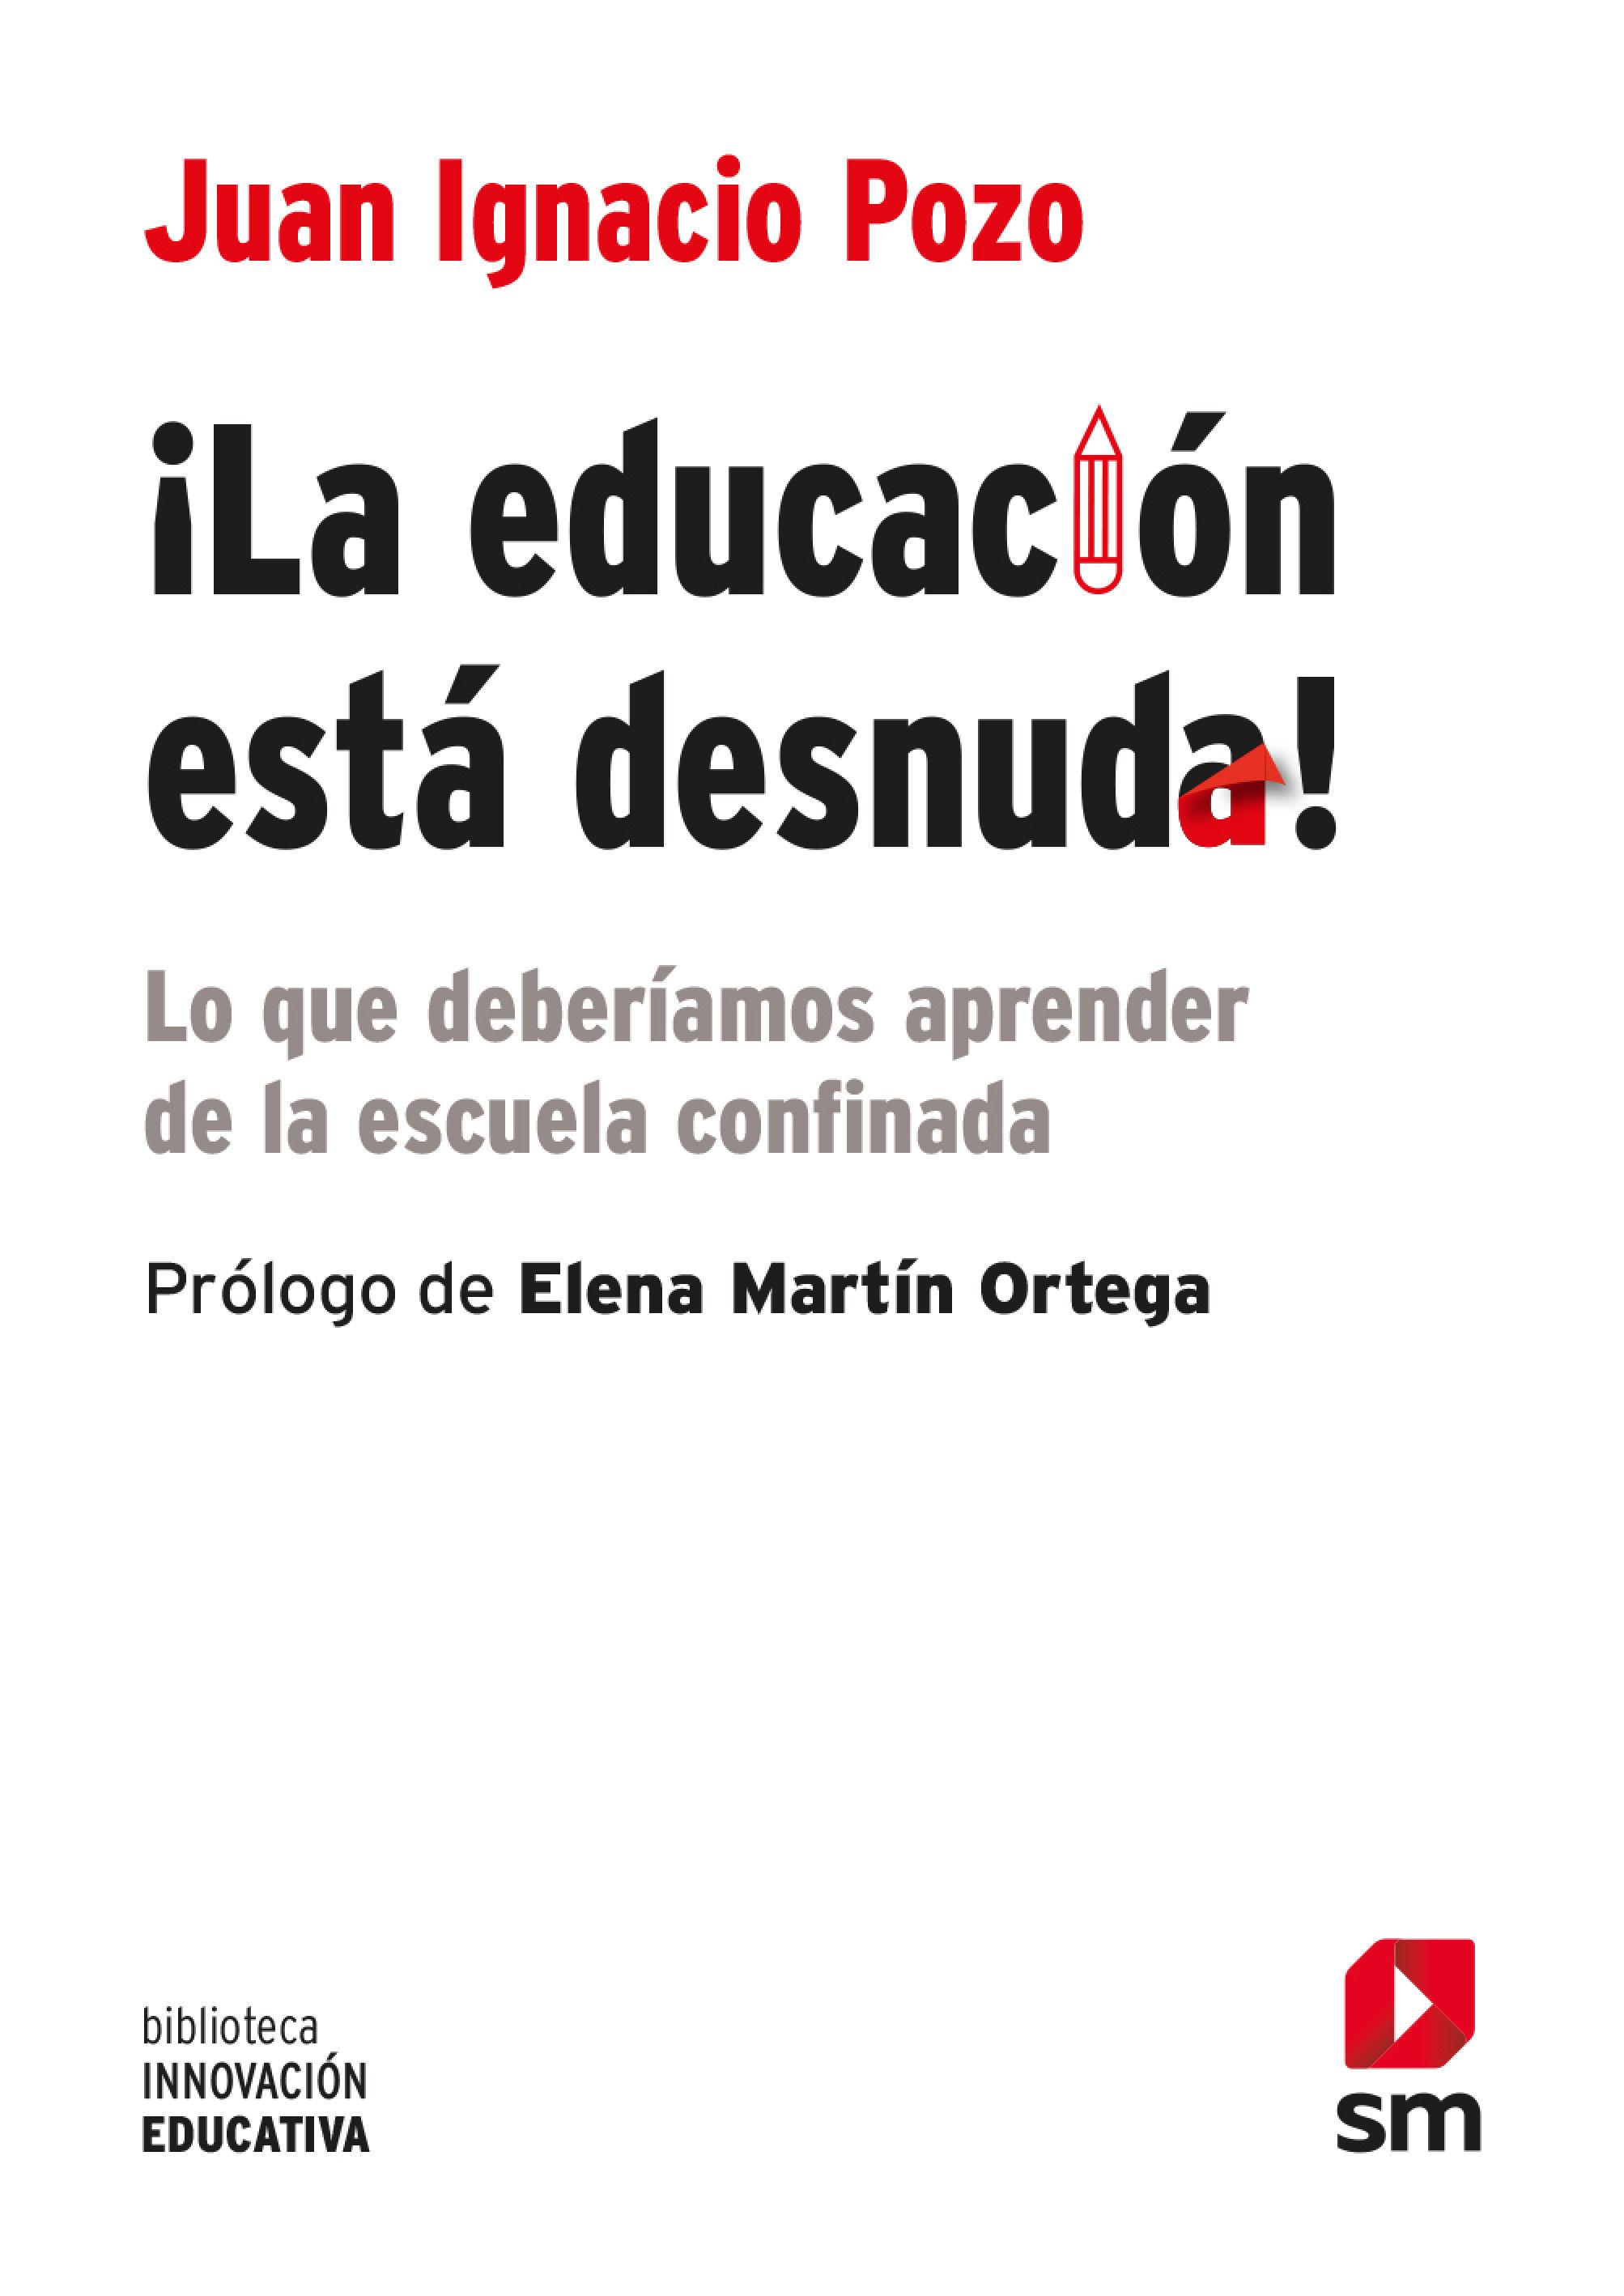 EDUCACION ESTA DESNUDA LA